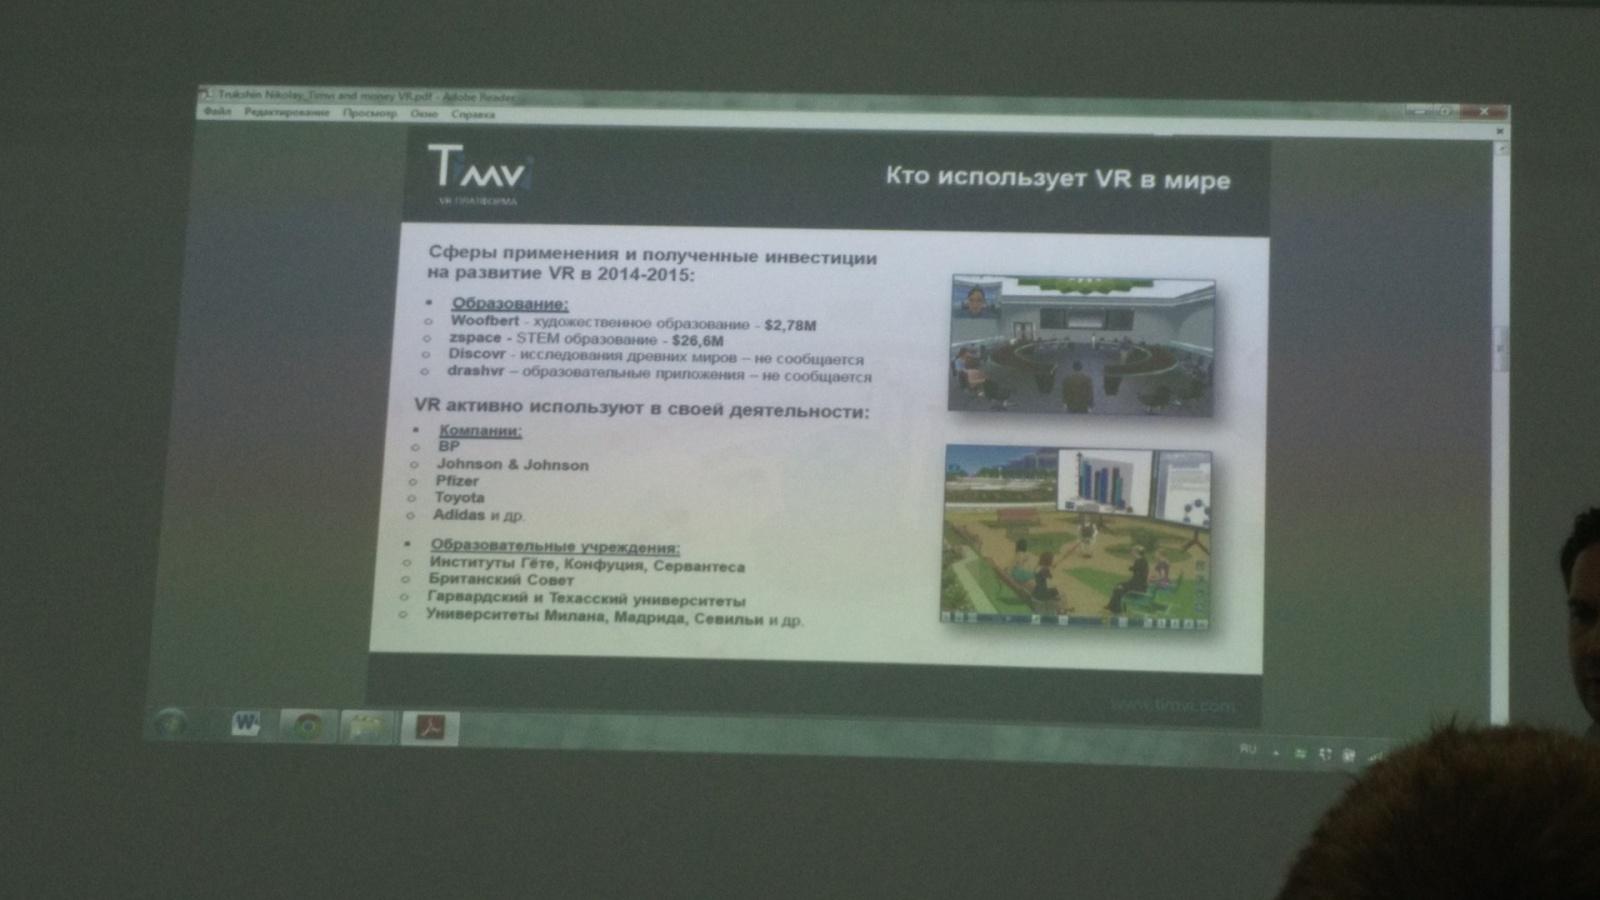 Репортаж с mixAR2015: Технологии AR&VR - 51